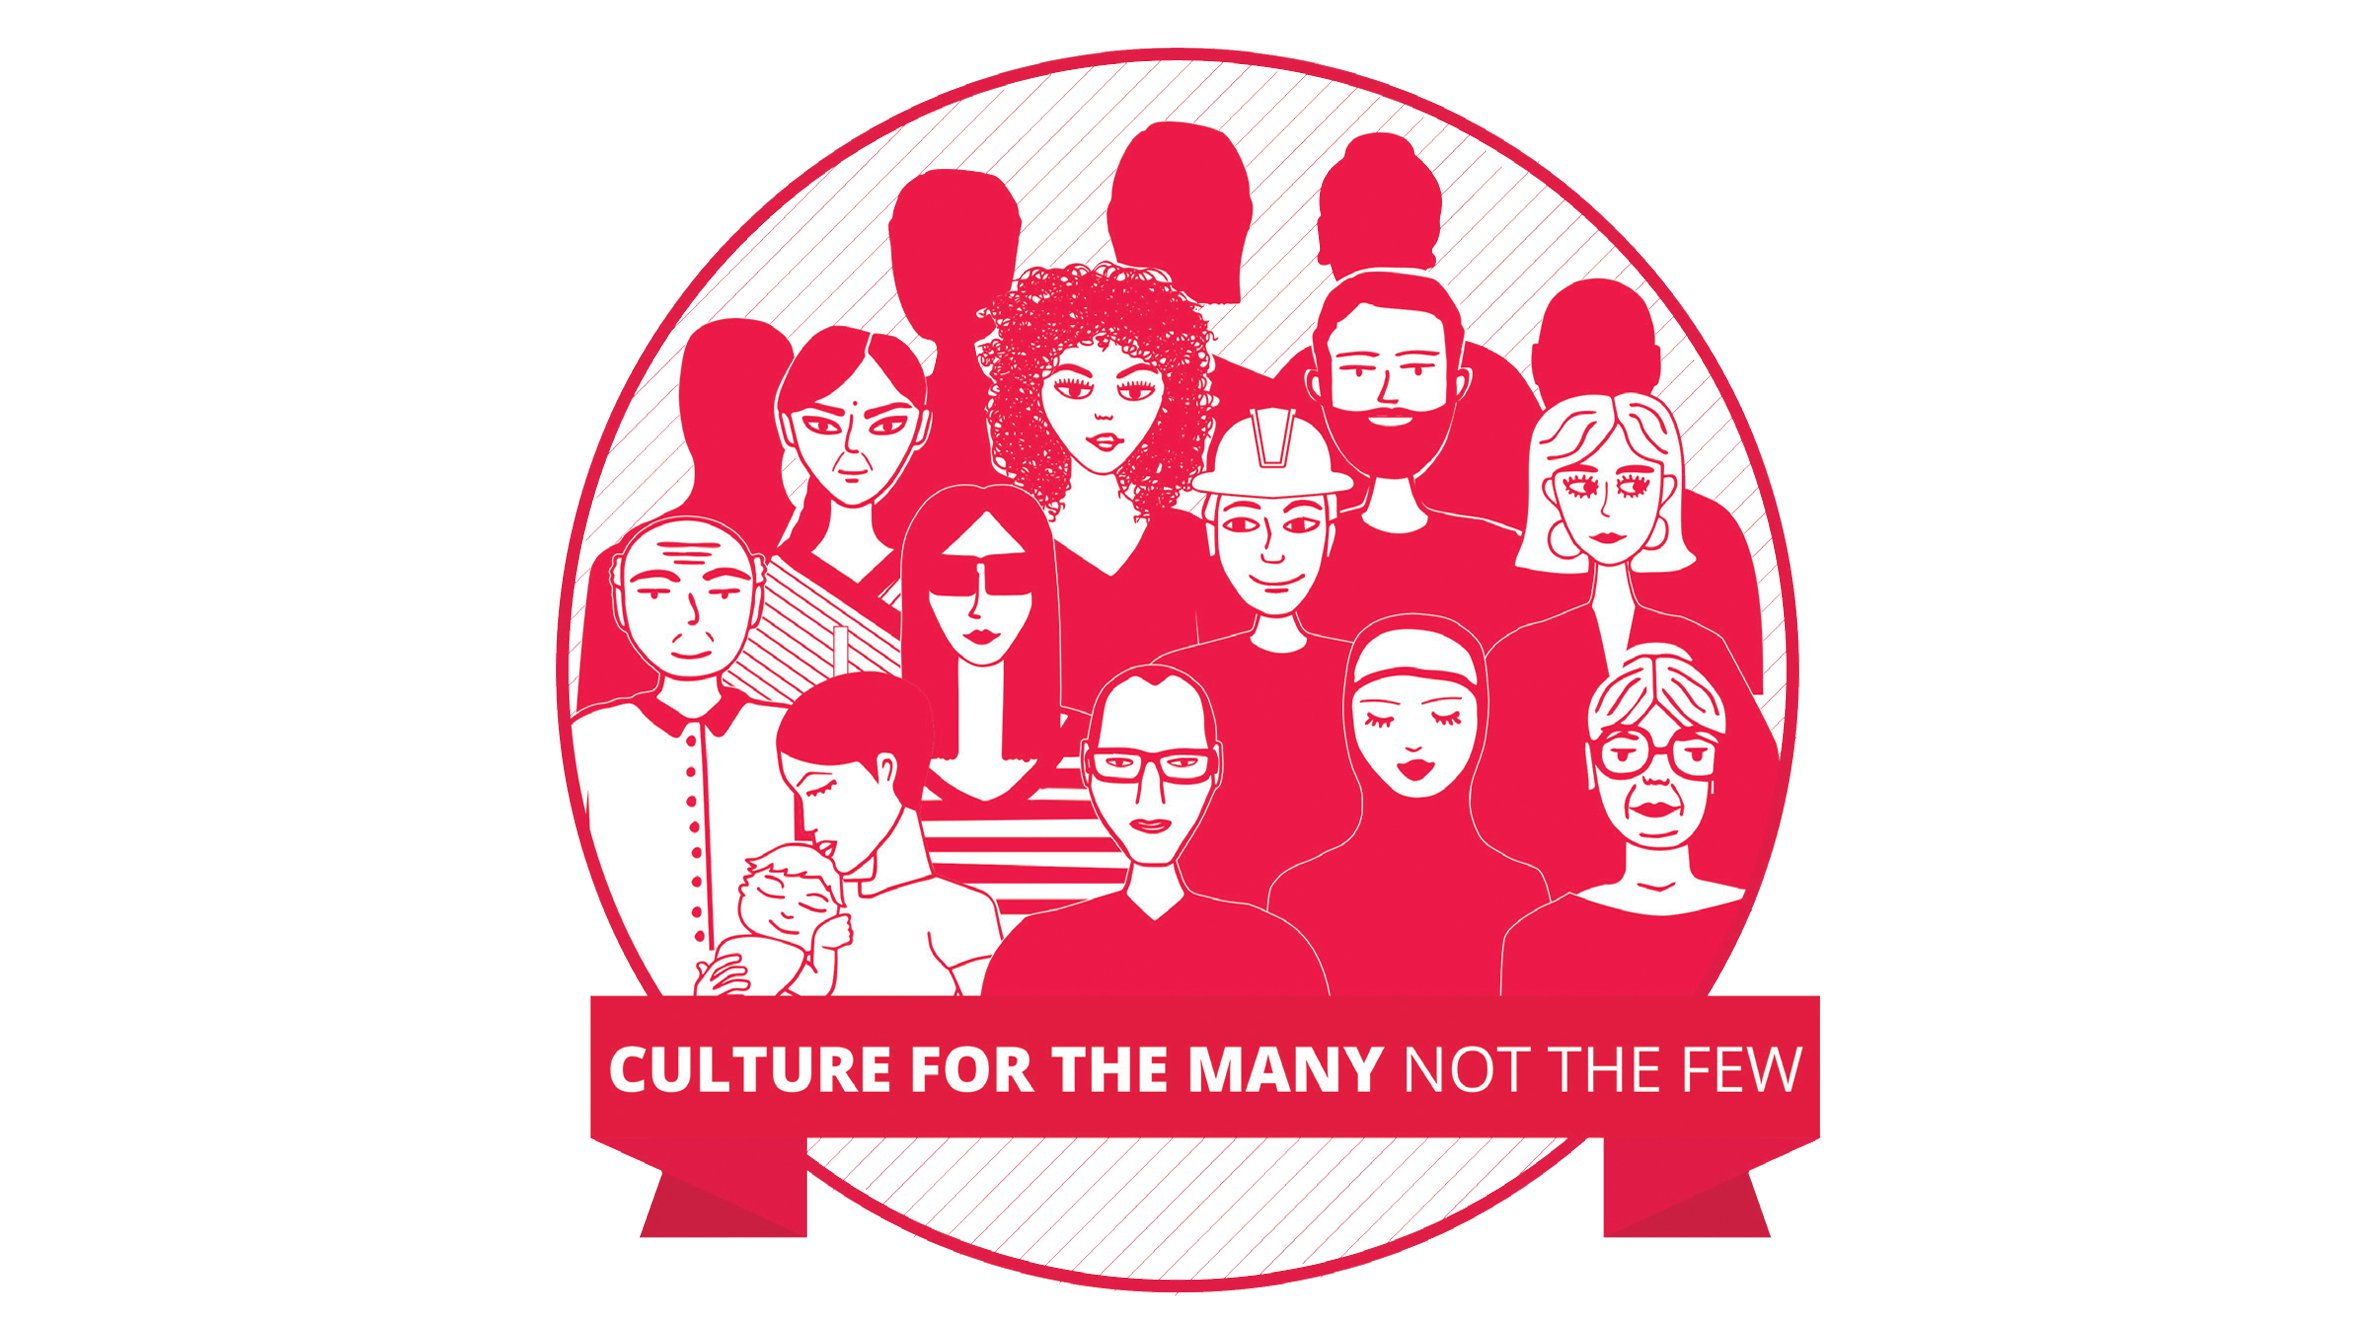 Labour_culture.jpg